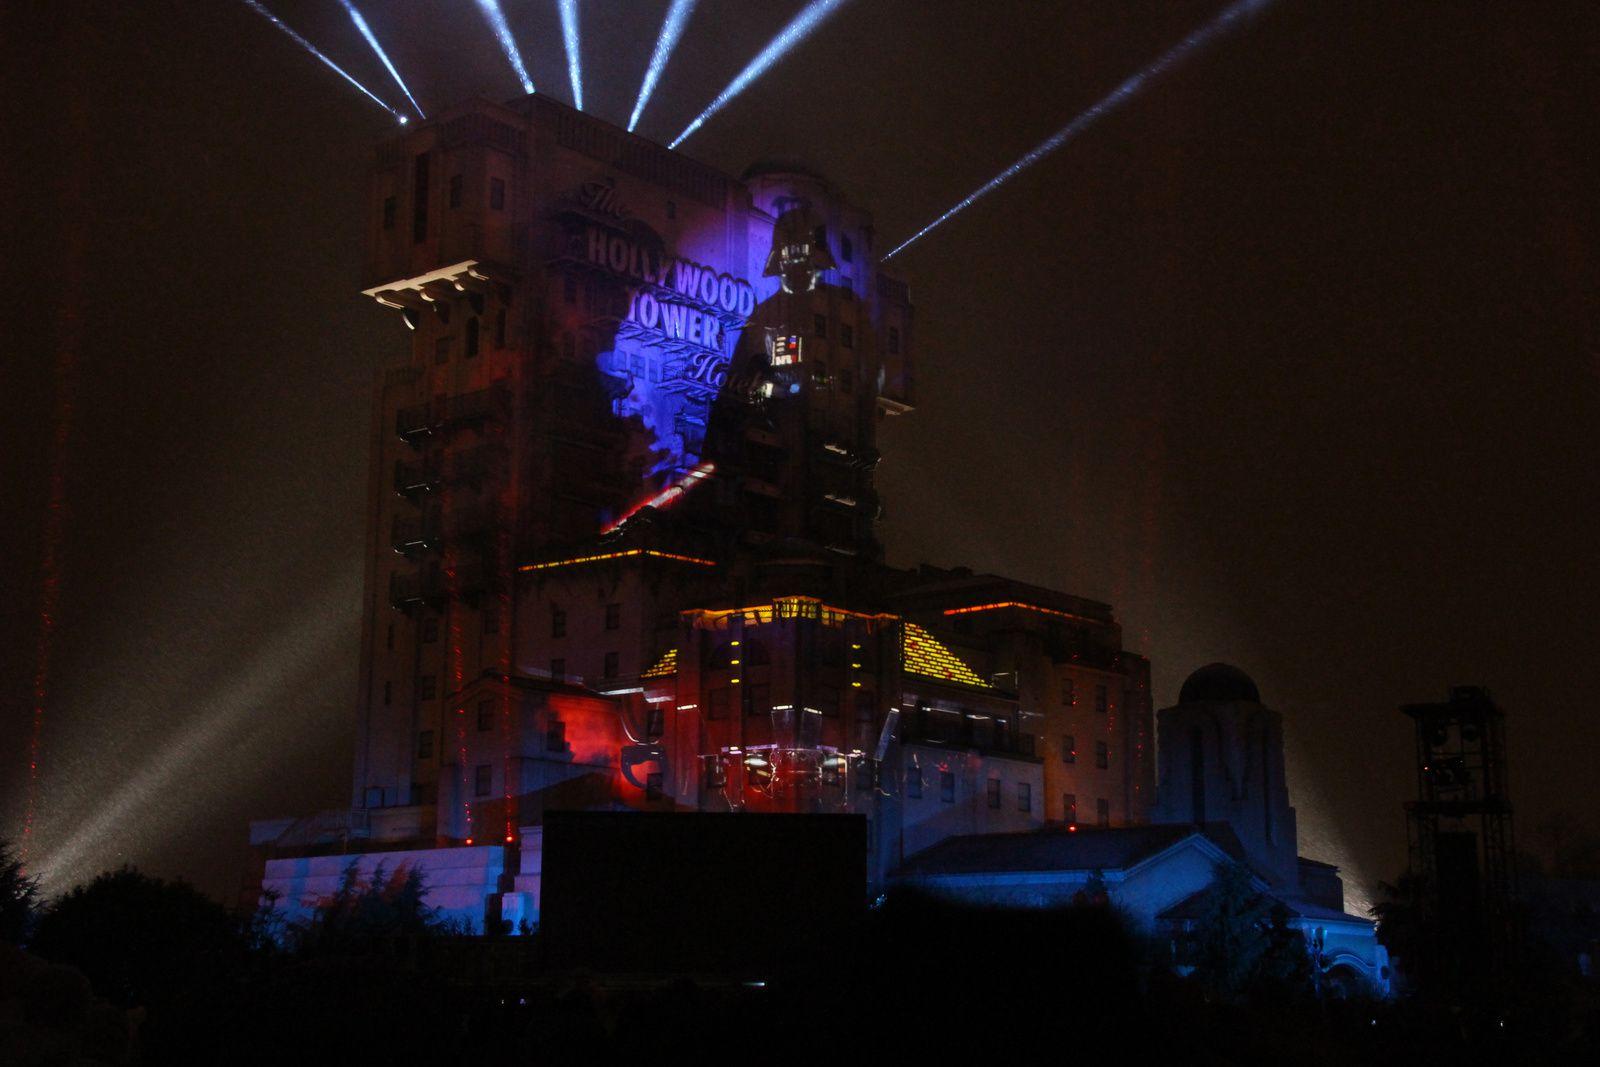 La Saison de la Force à Disneyland Paris